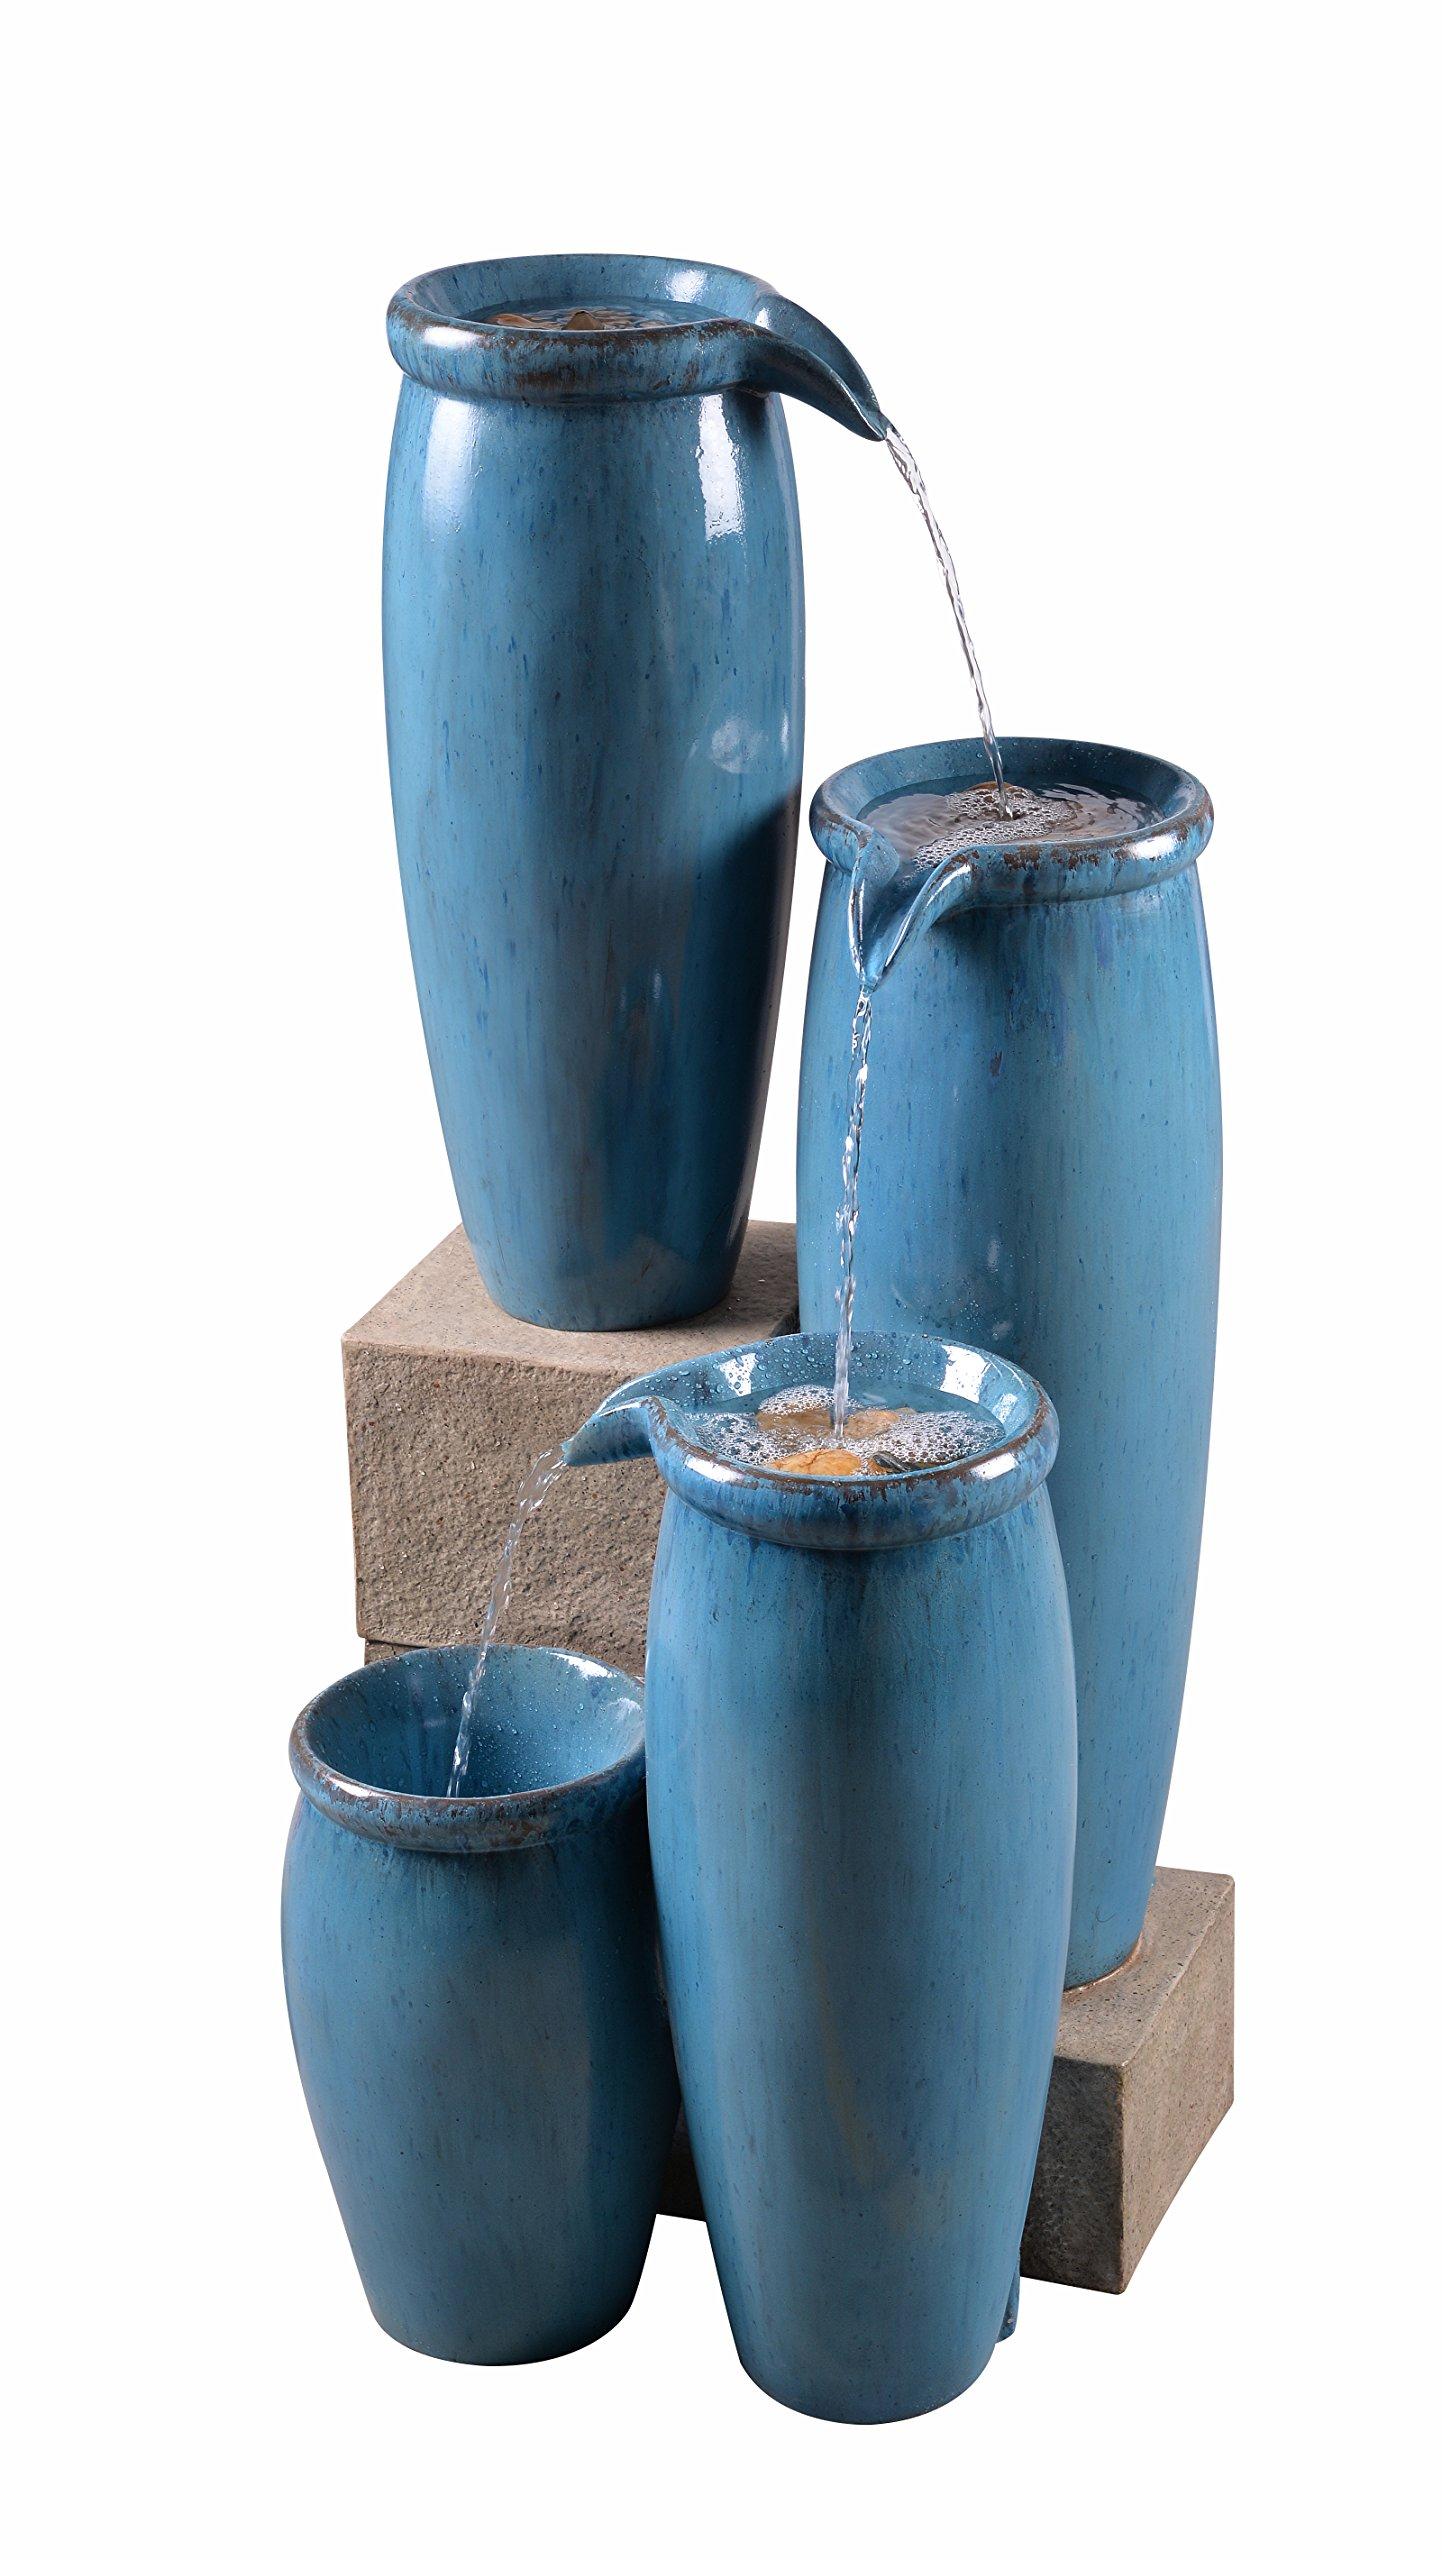 Kenroy Home 51029BLU Vessel Floor Fountain, Blue